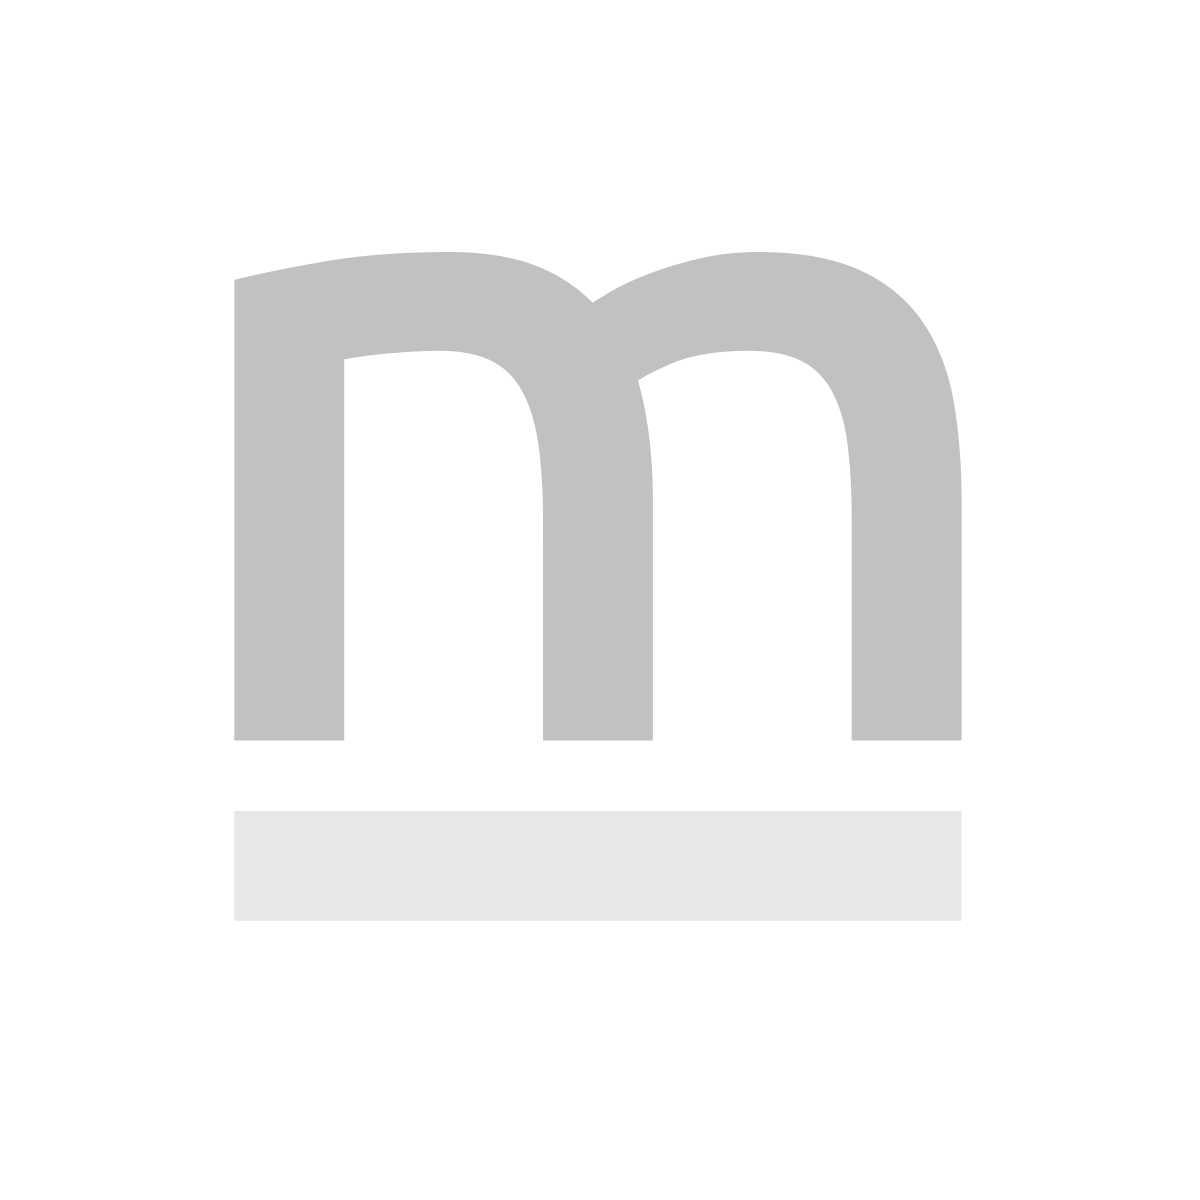 Obraz - Liście palmy (3-częściowy)